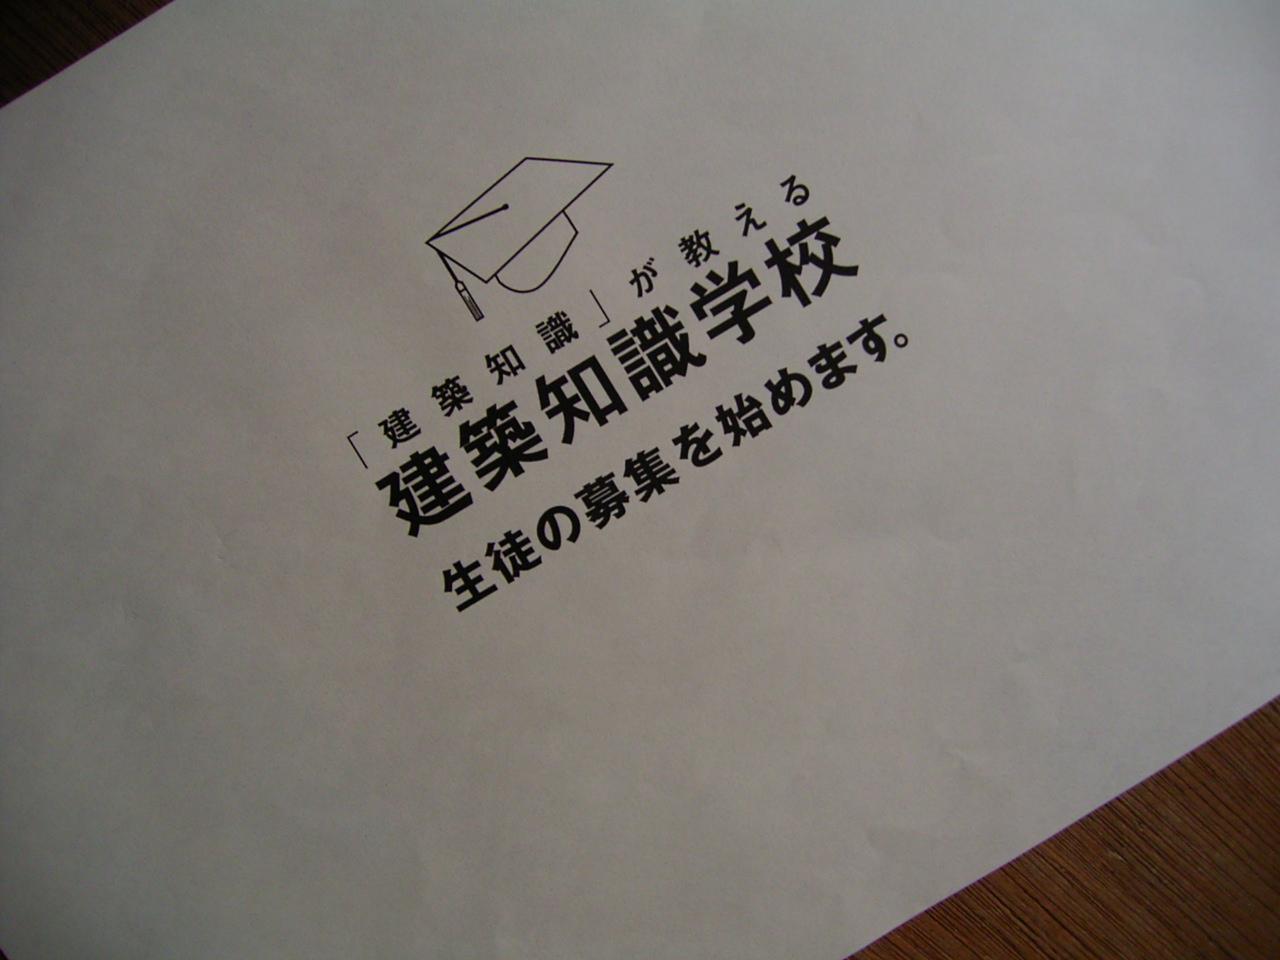 建築知識学校_a0122098_13333447.jpg